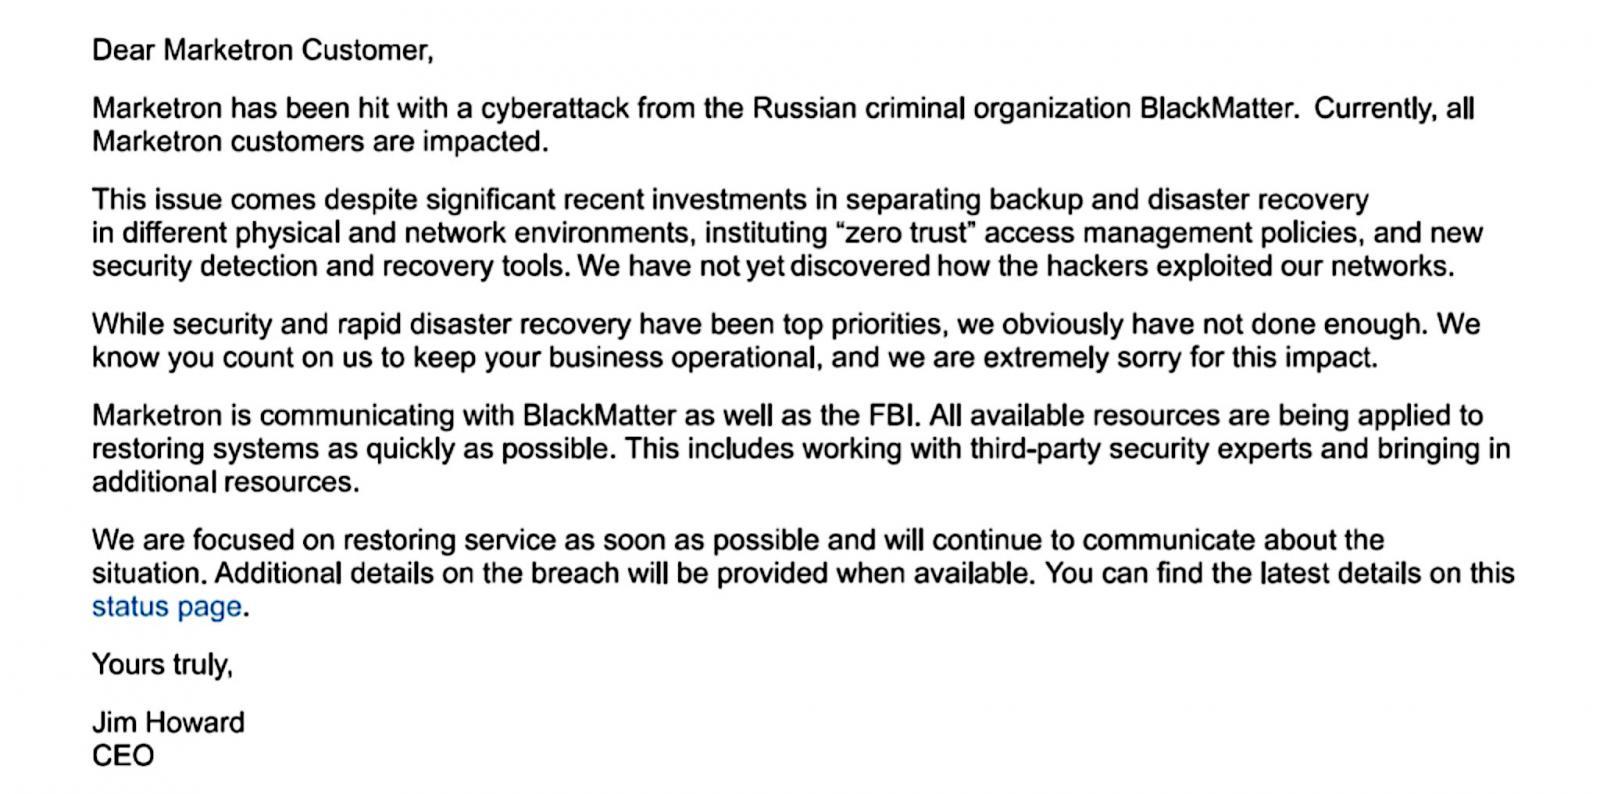 Correo electrónico de Marketron a los clientes que exponen el ataque de ransomware BlackMatter